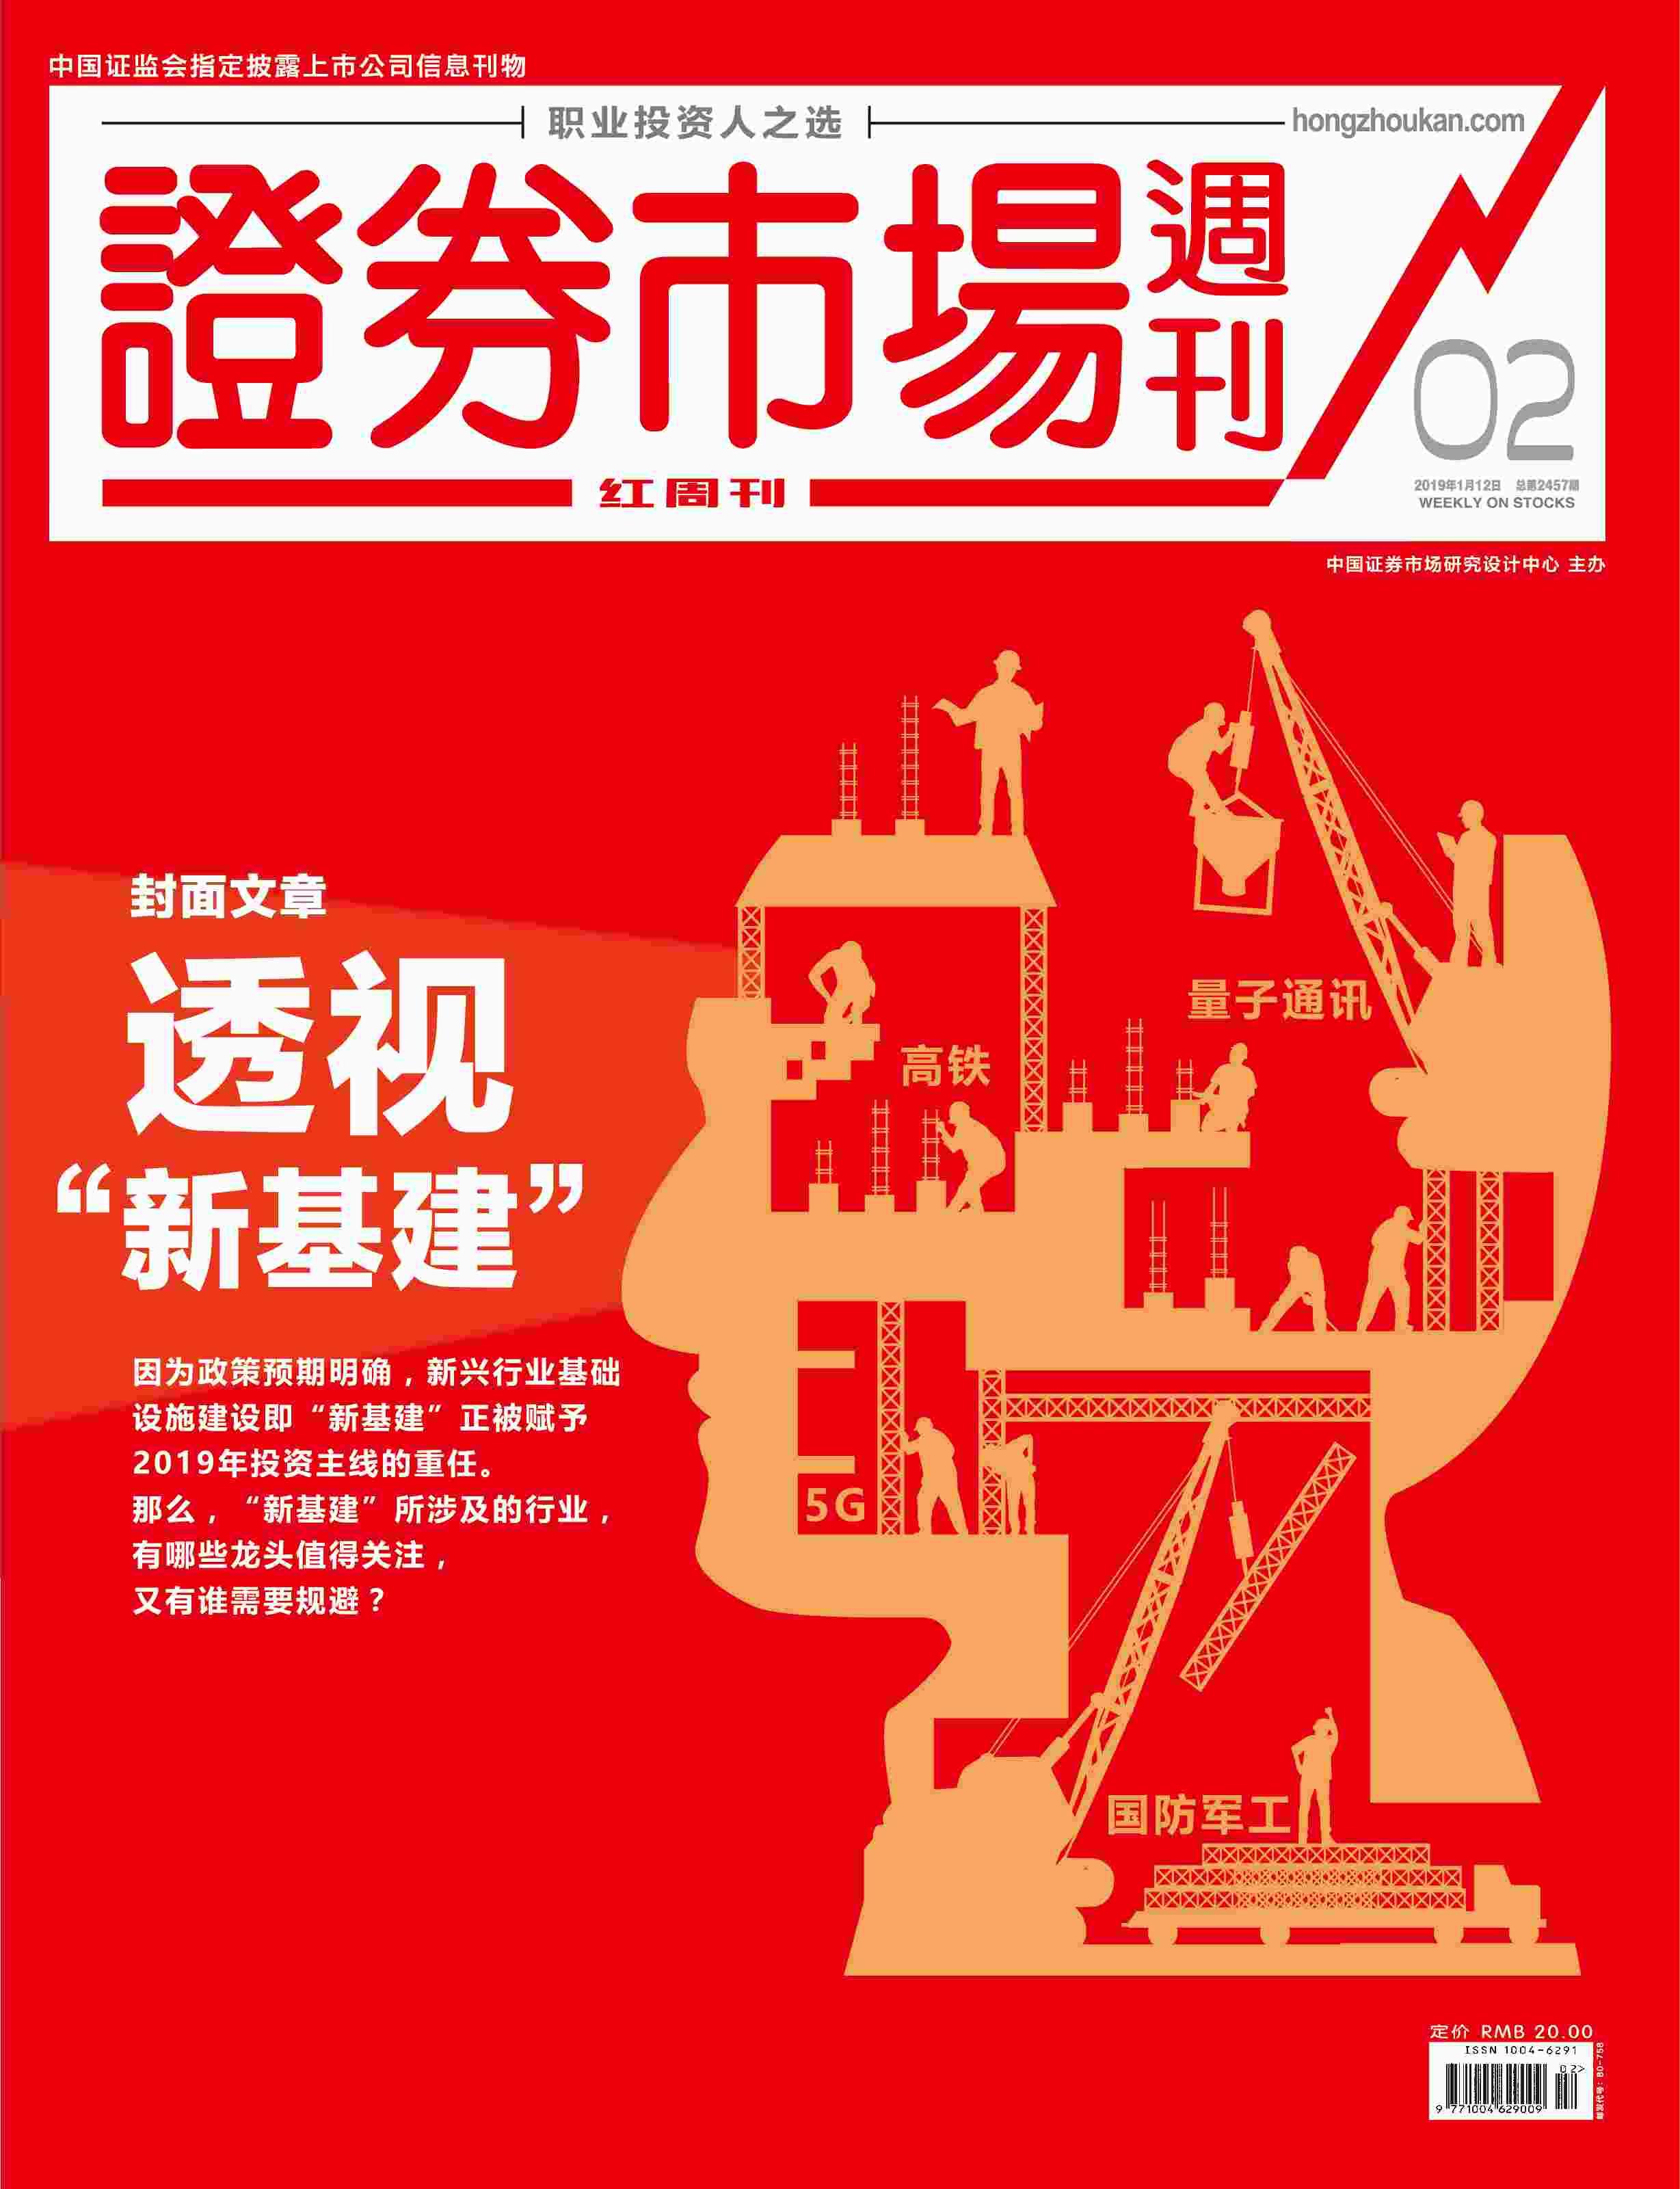 """中国股市为何重蹈十几年前熊市的覆辙?""""!"""